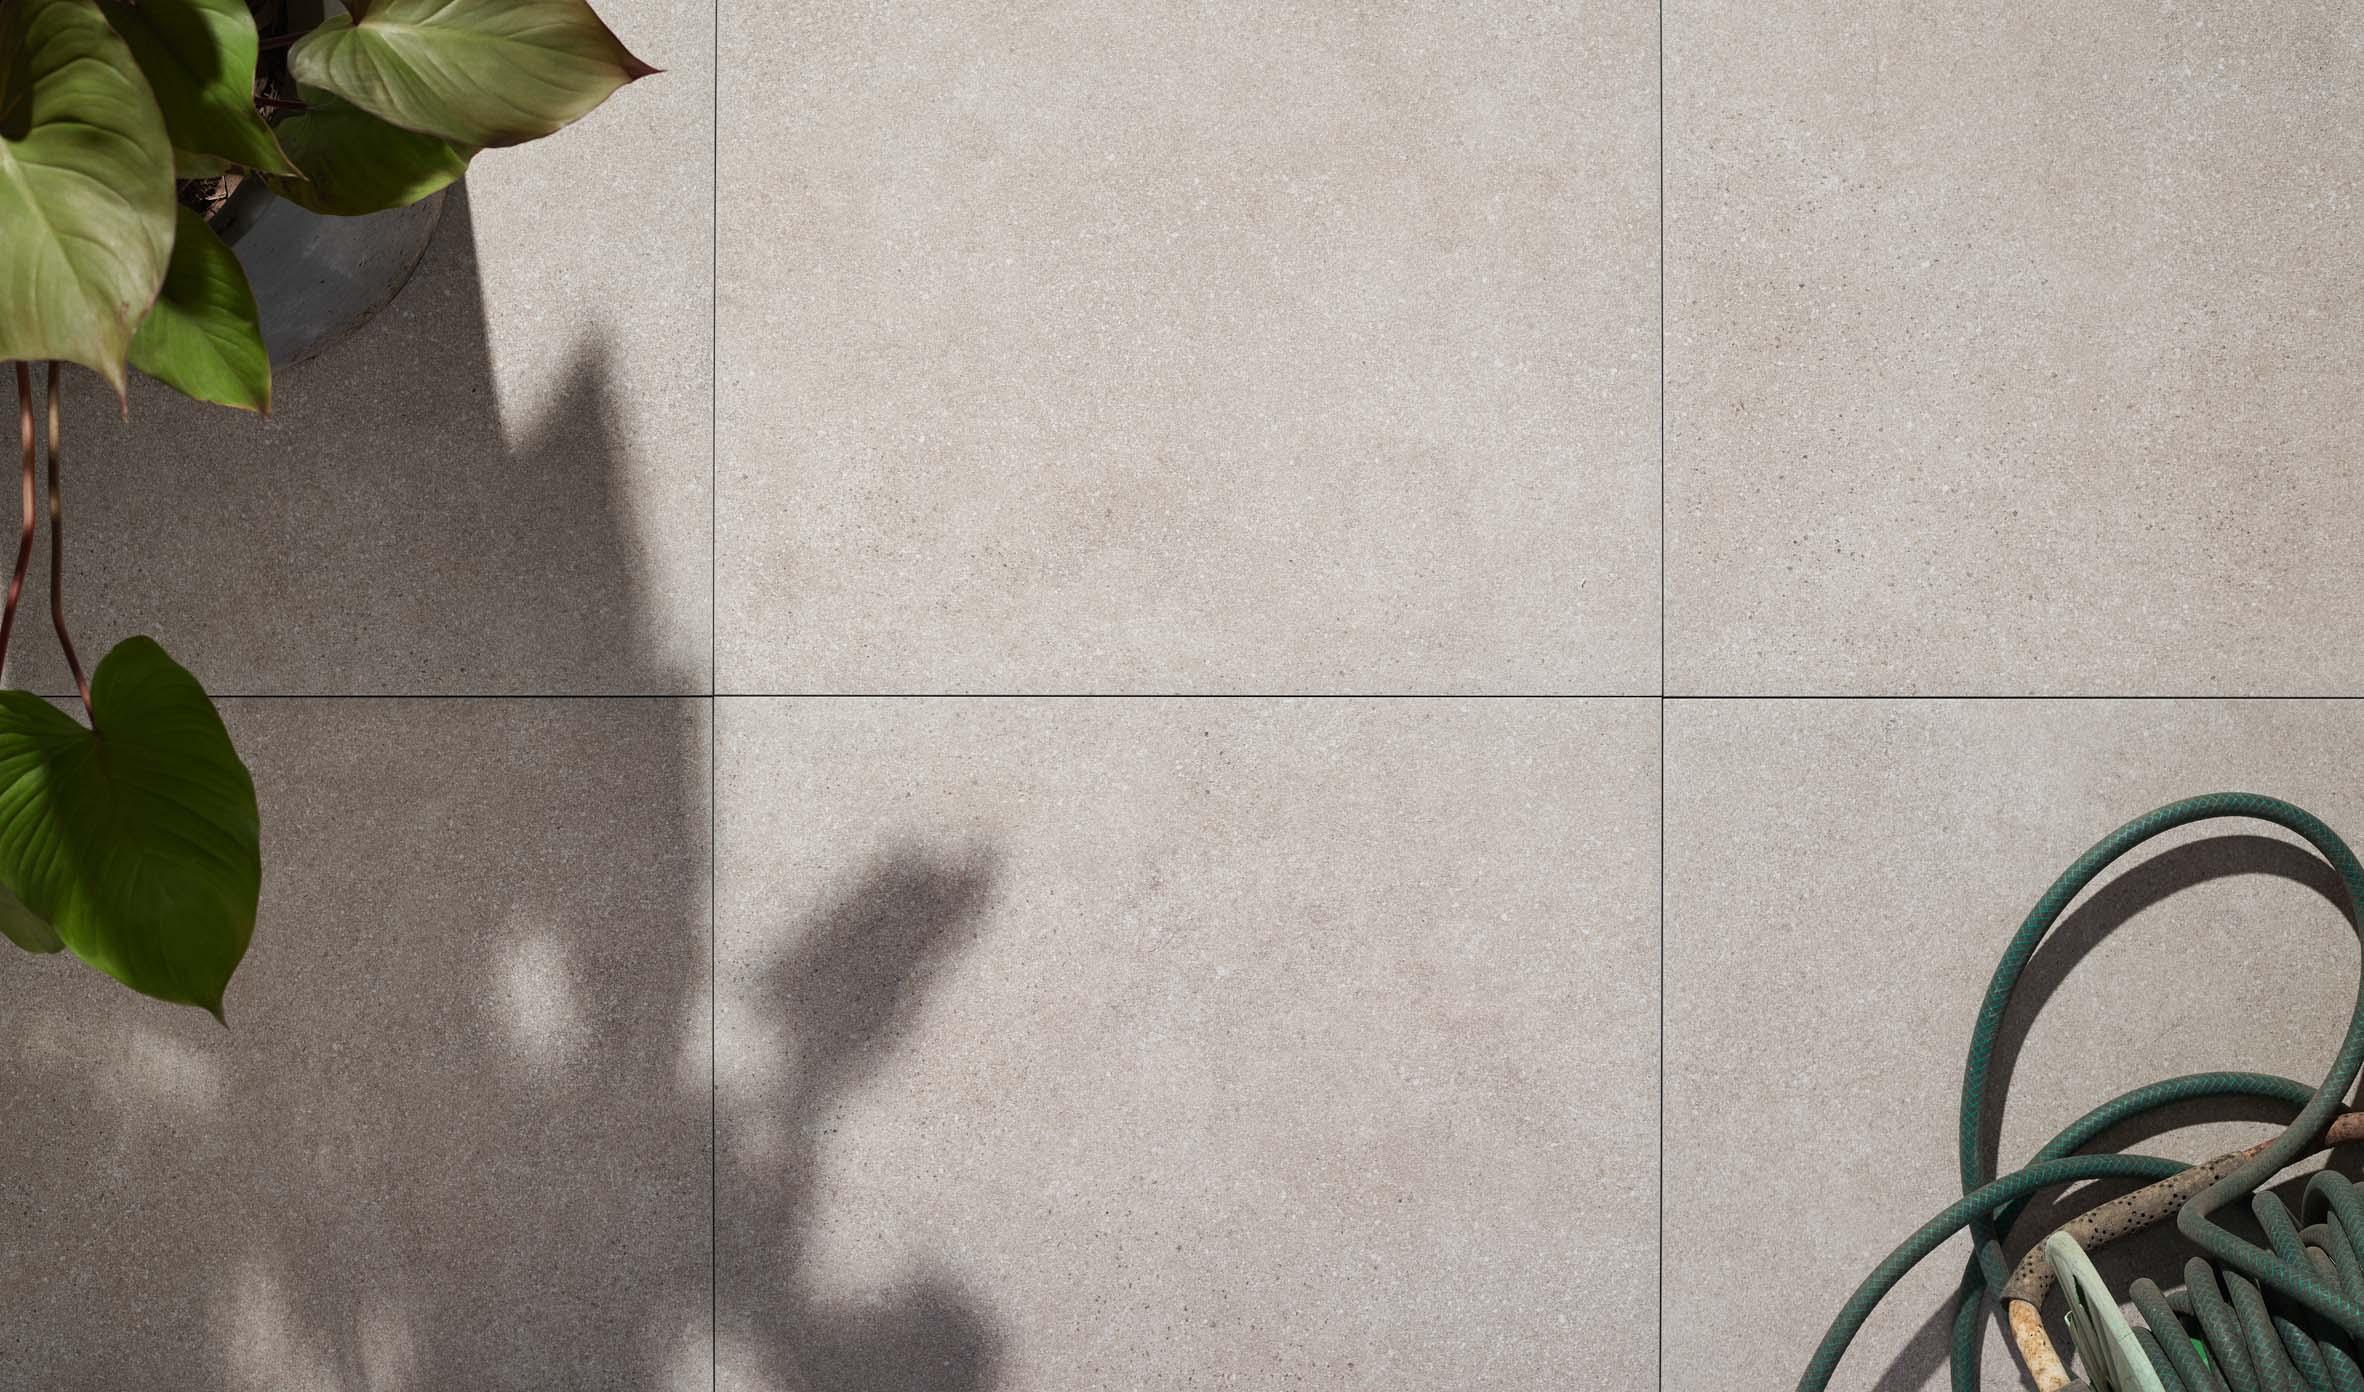 Porcelain-Pavers-Outdoor-20 Thumbnails porcelain-pavers-outdoor-20-10